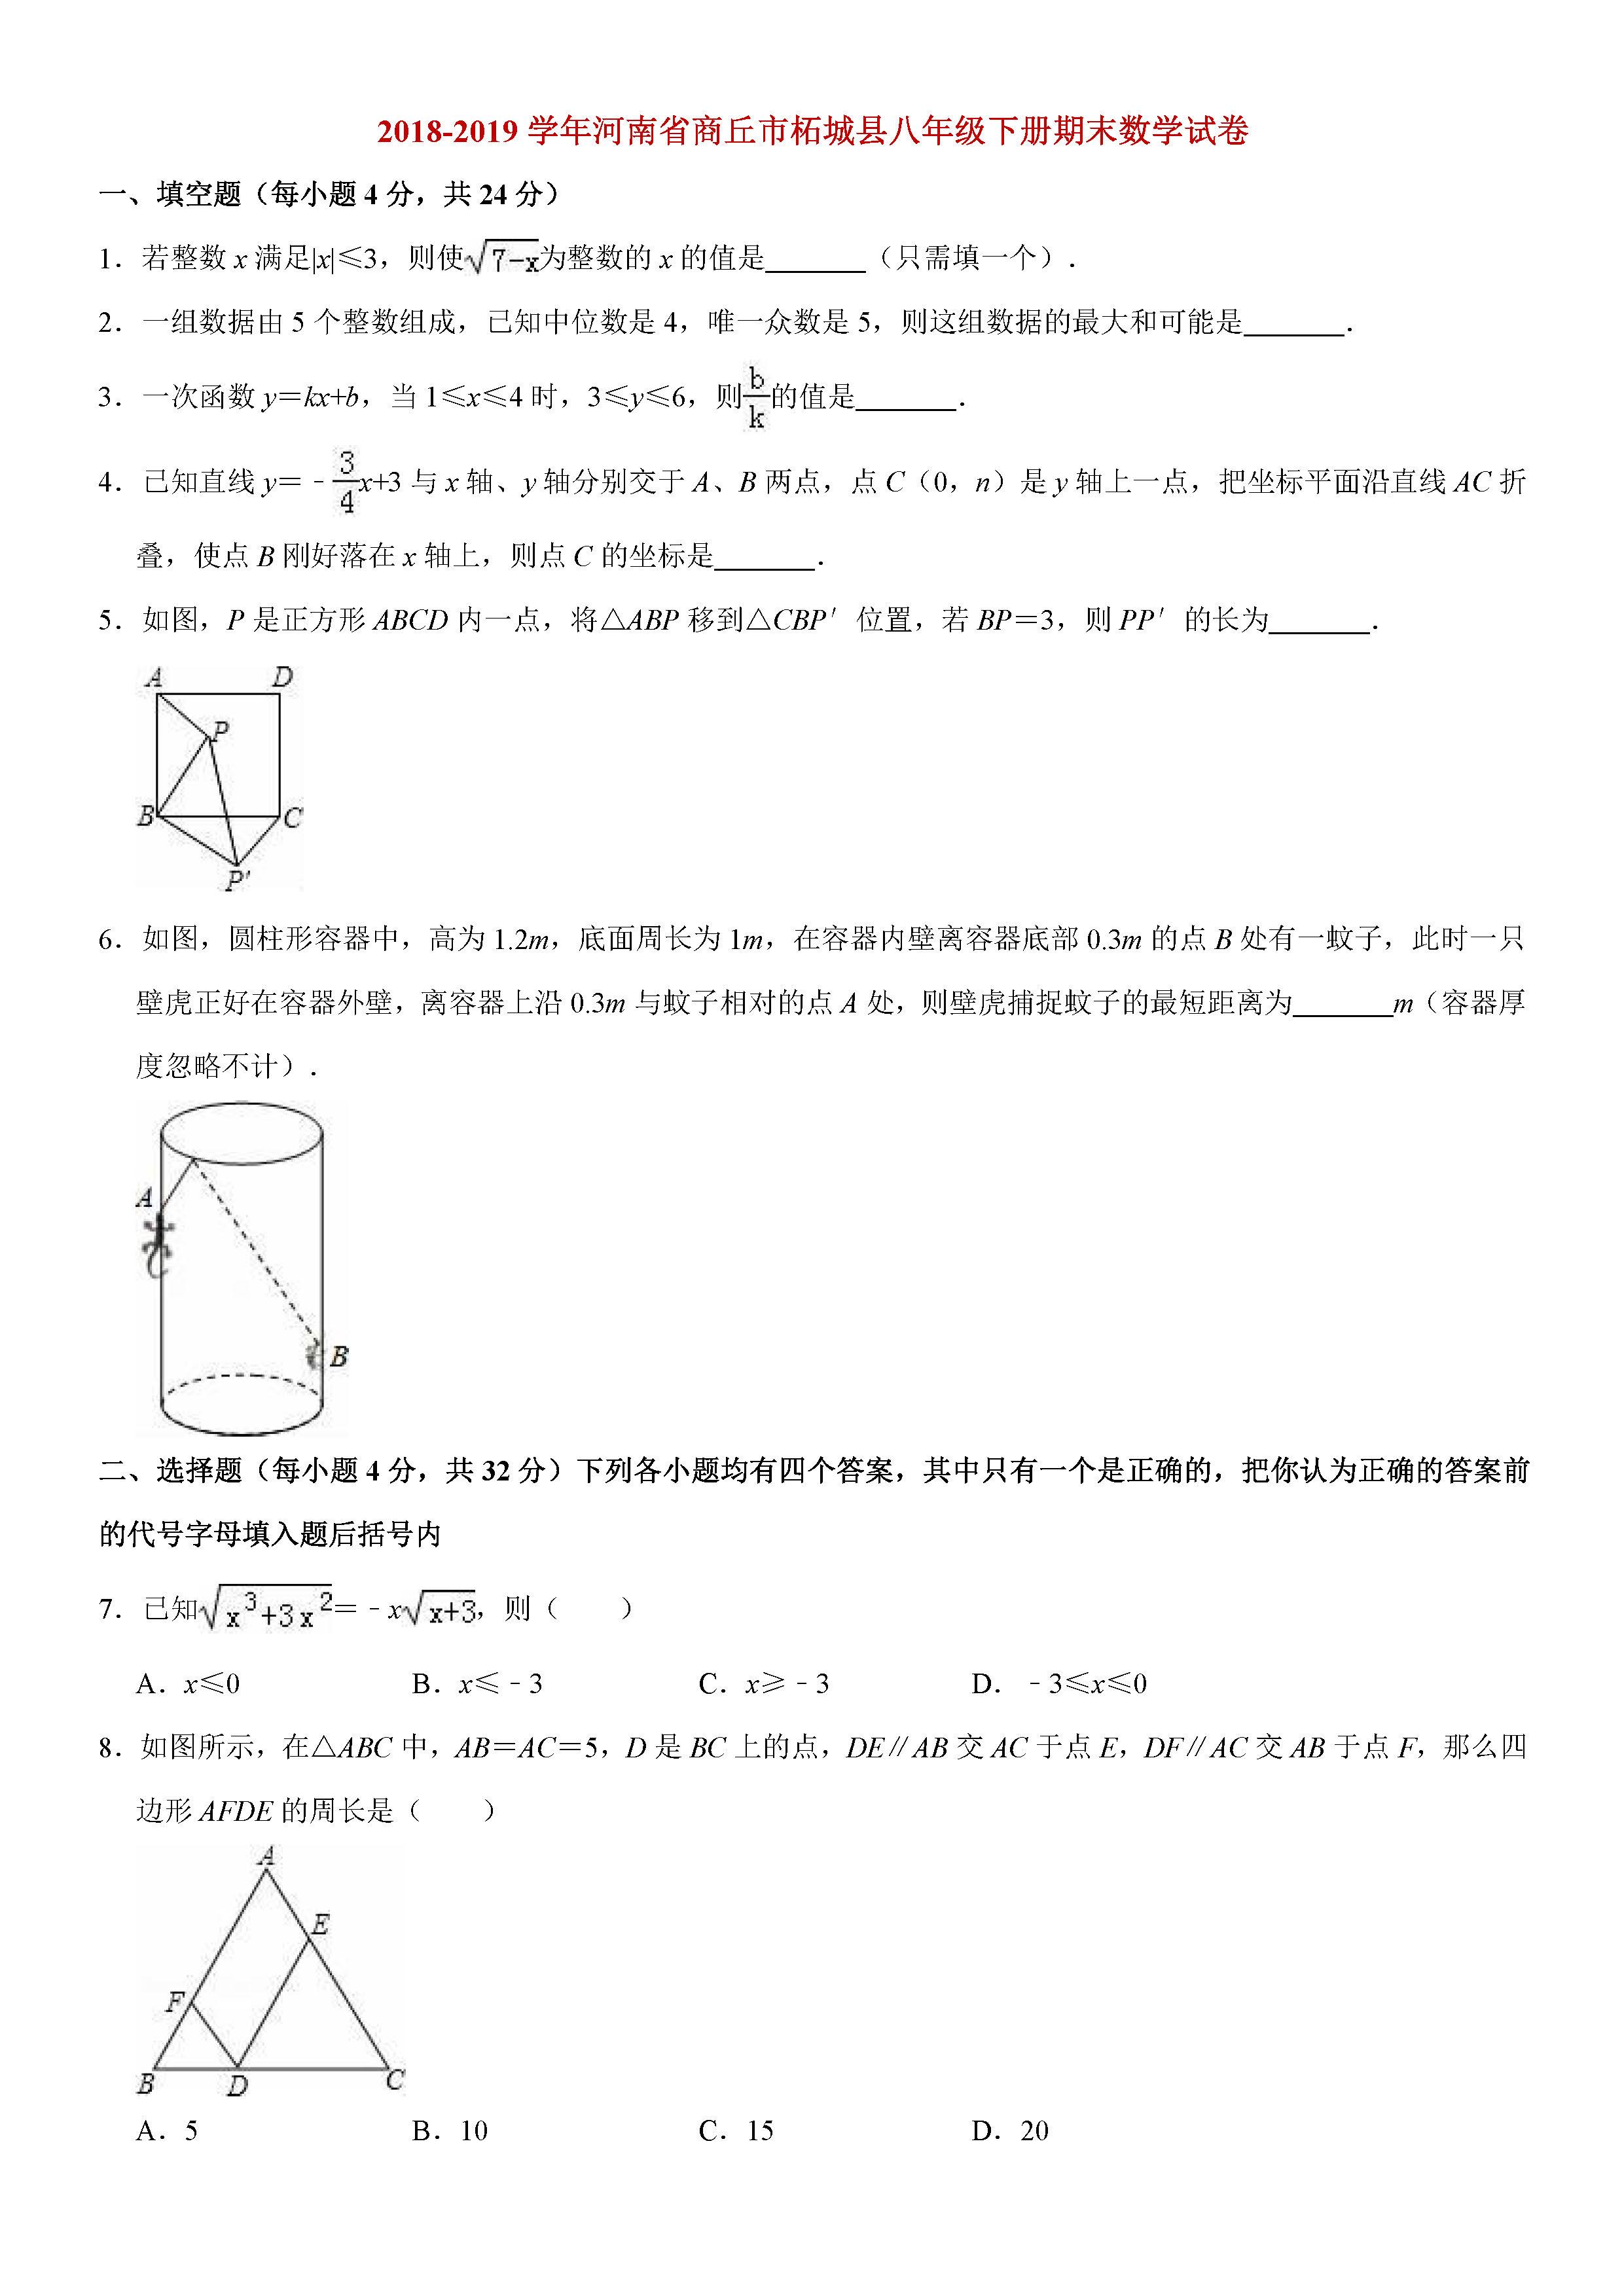 商丘市柘城县2018-2019八年级数学下册期末测试题含解析